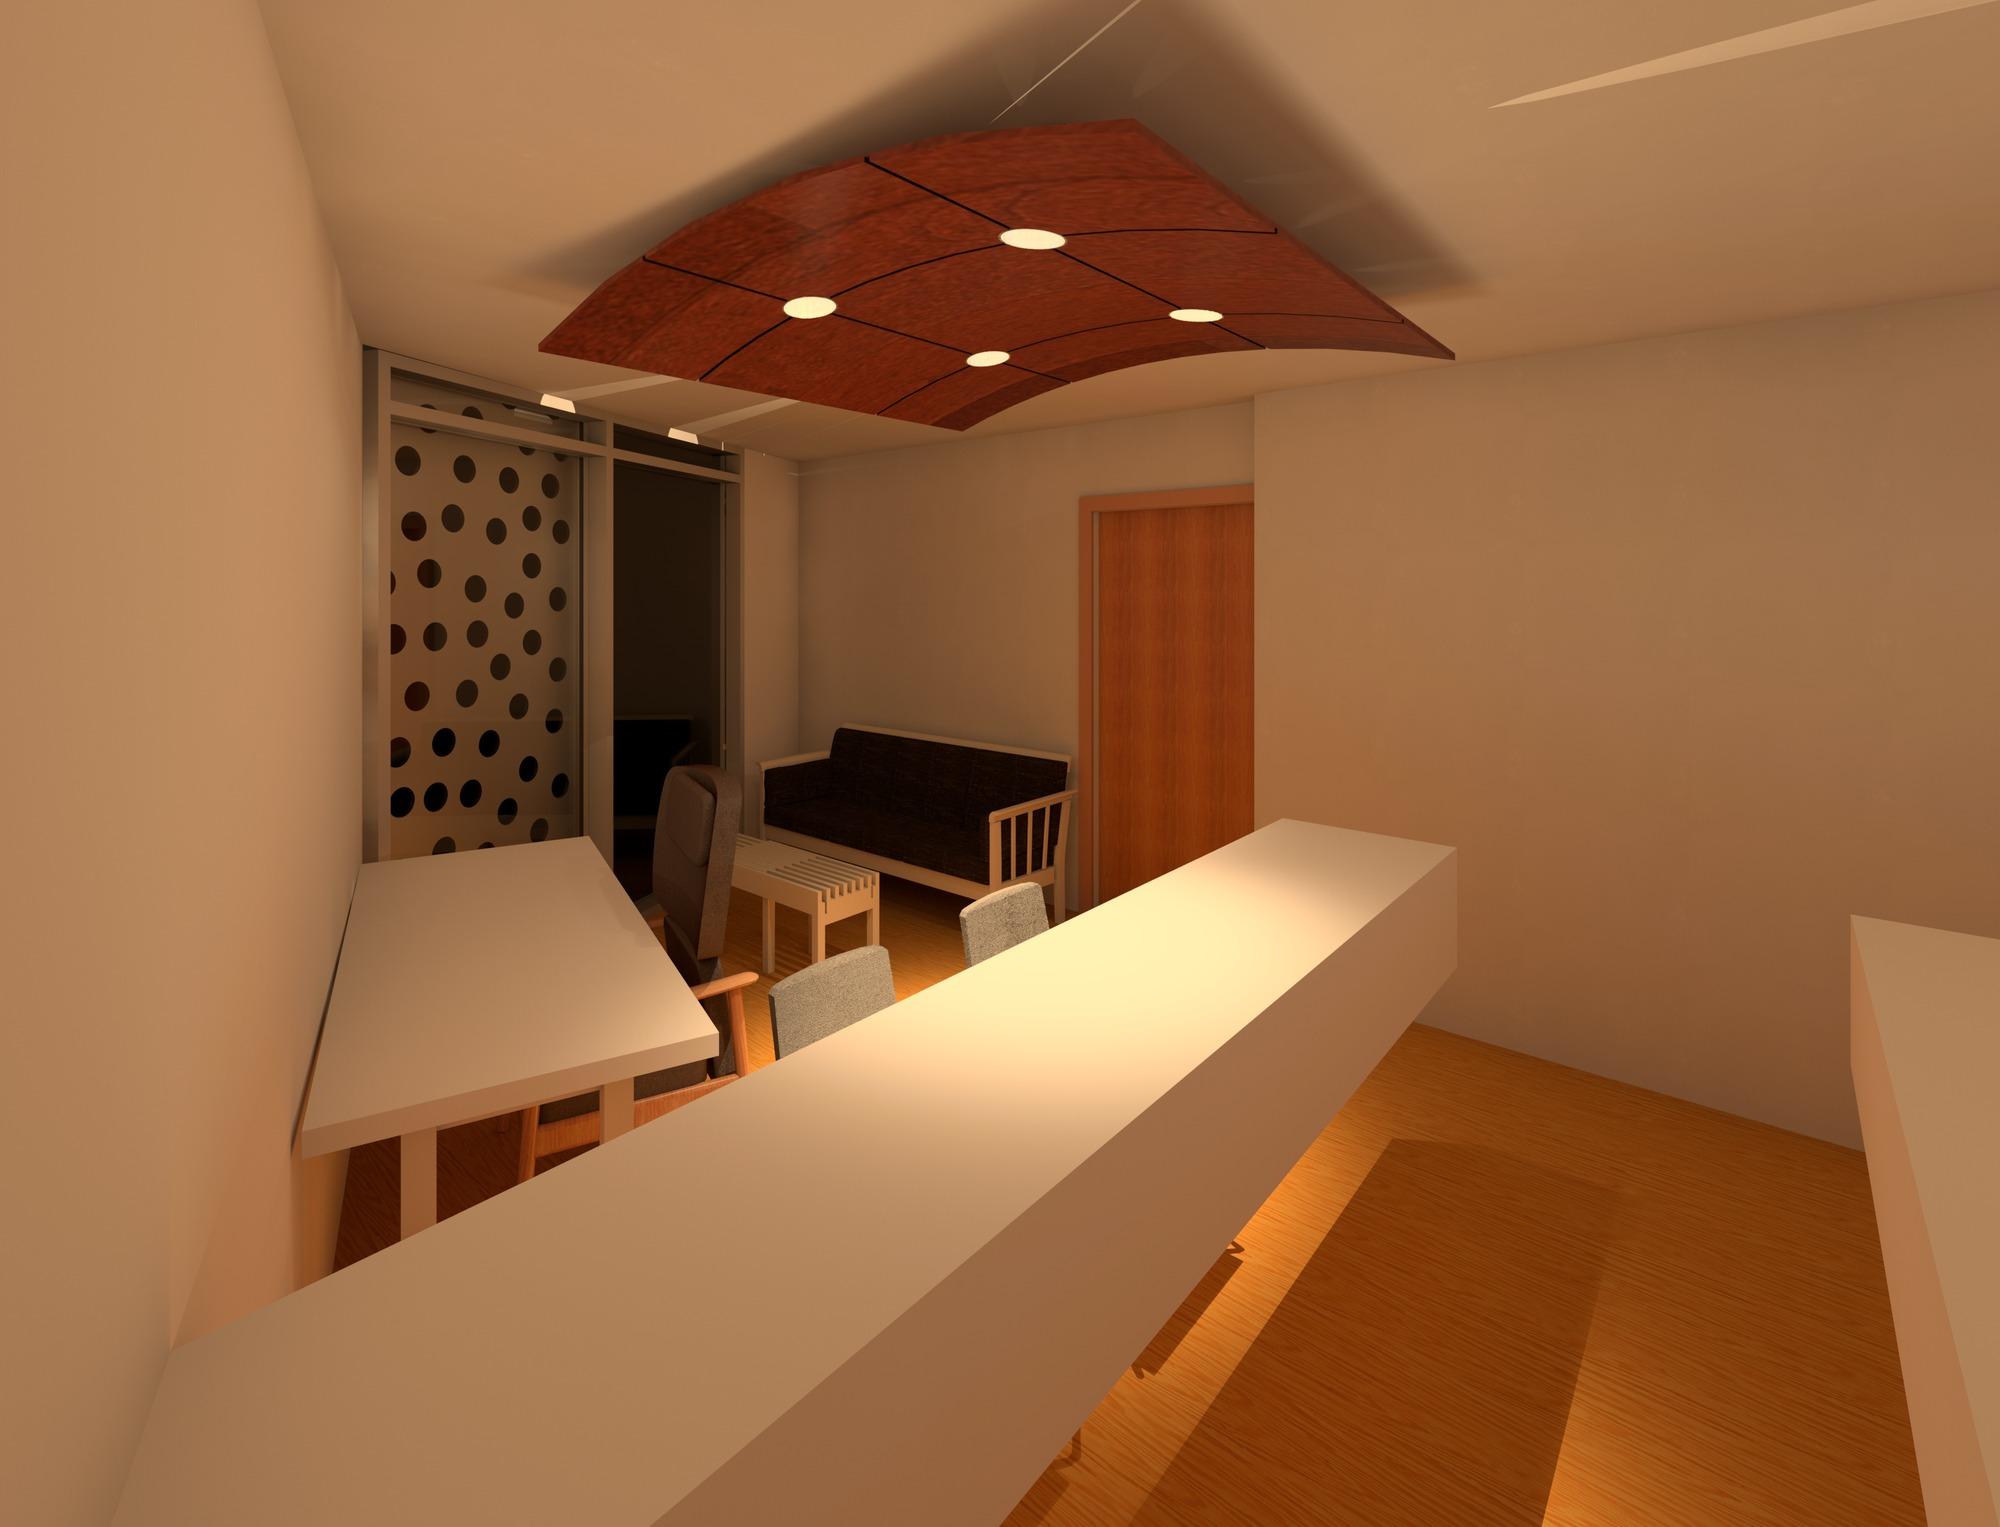 Raas-rendering20150105-17783-yd2kma